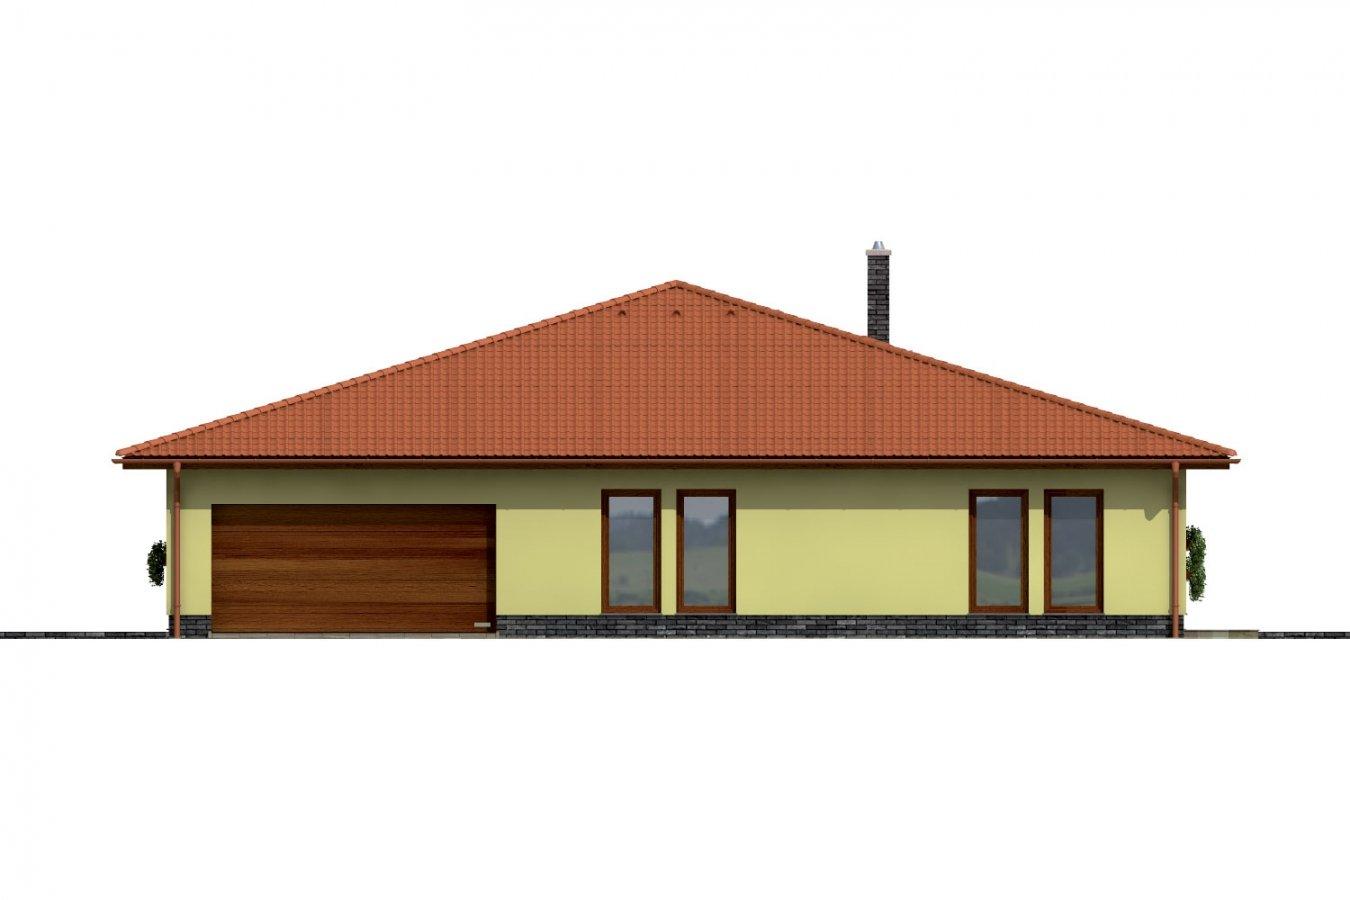 Pohľad 2. - Exkluzívny bungalov s dvomi garážami.